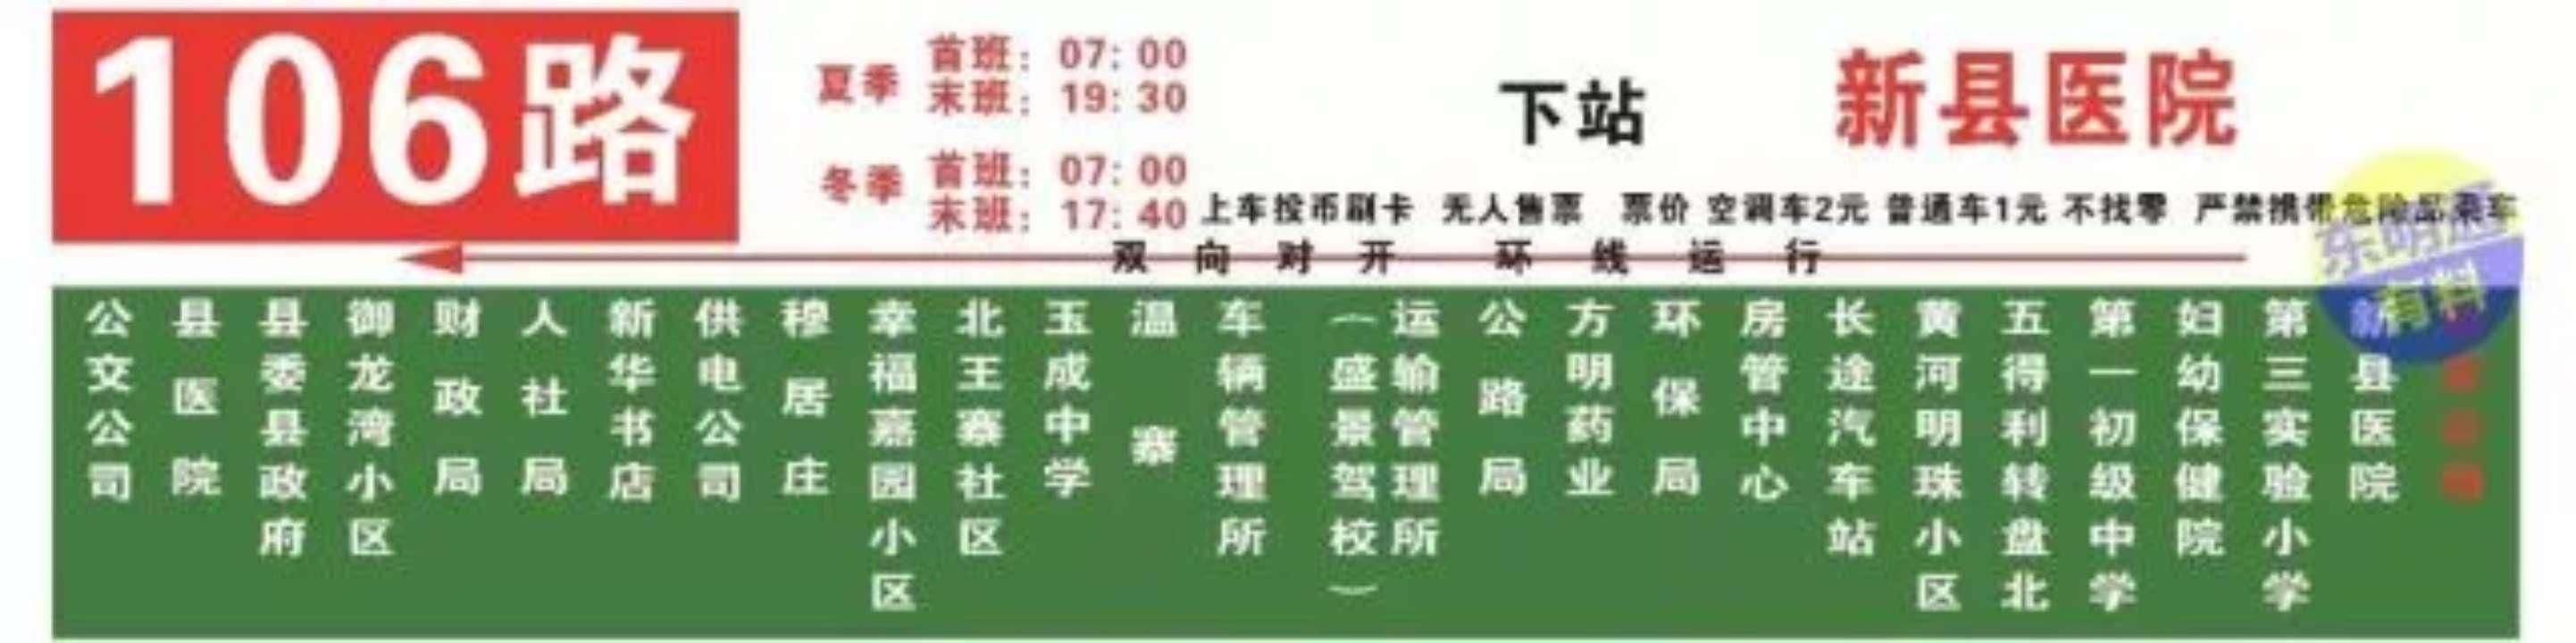 菏泽东明将成山东首个公交免费城市